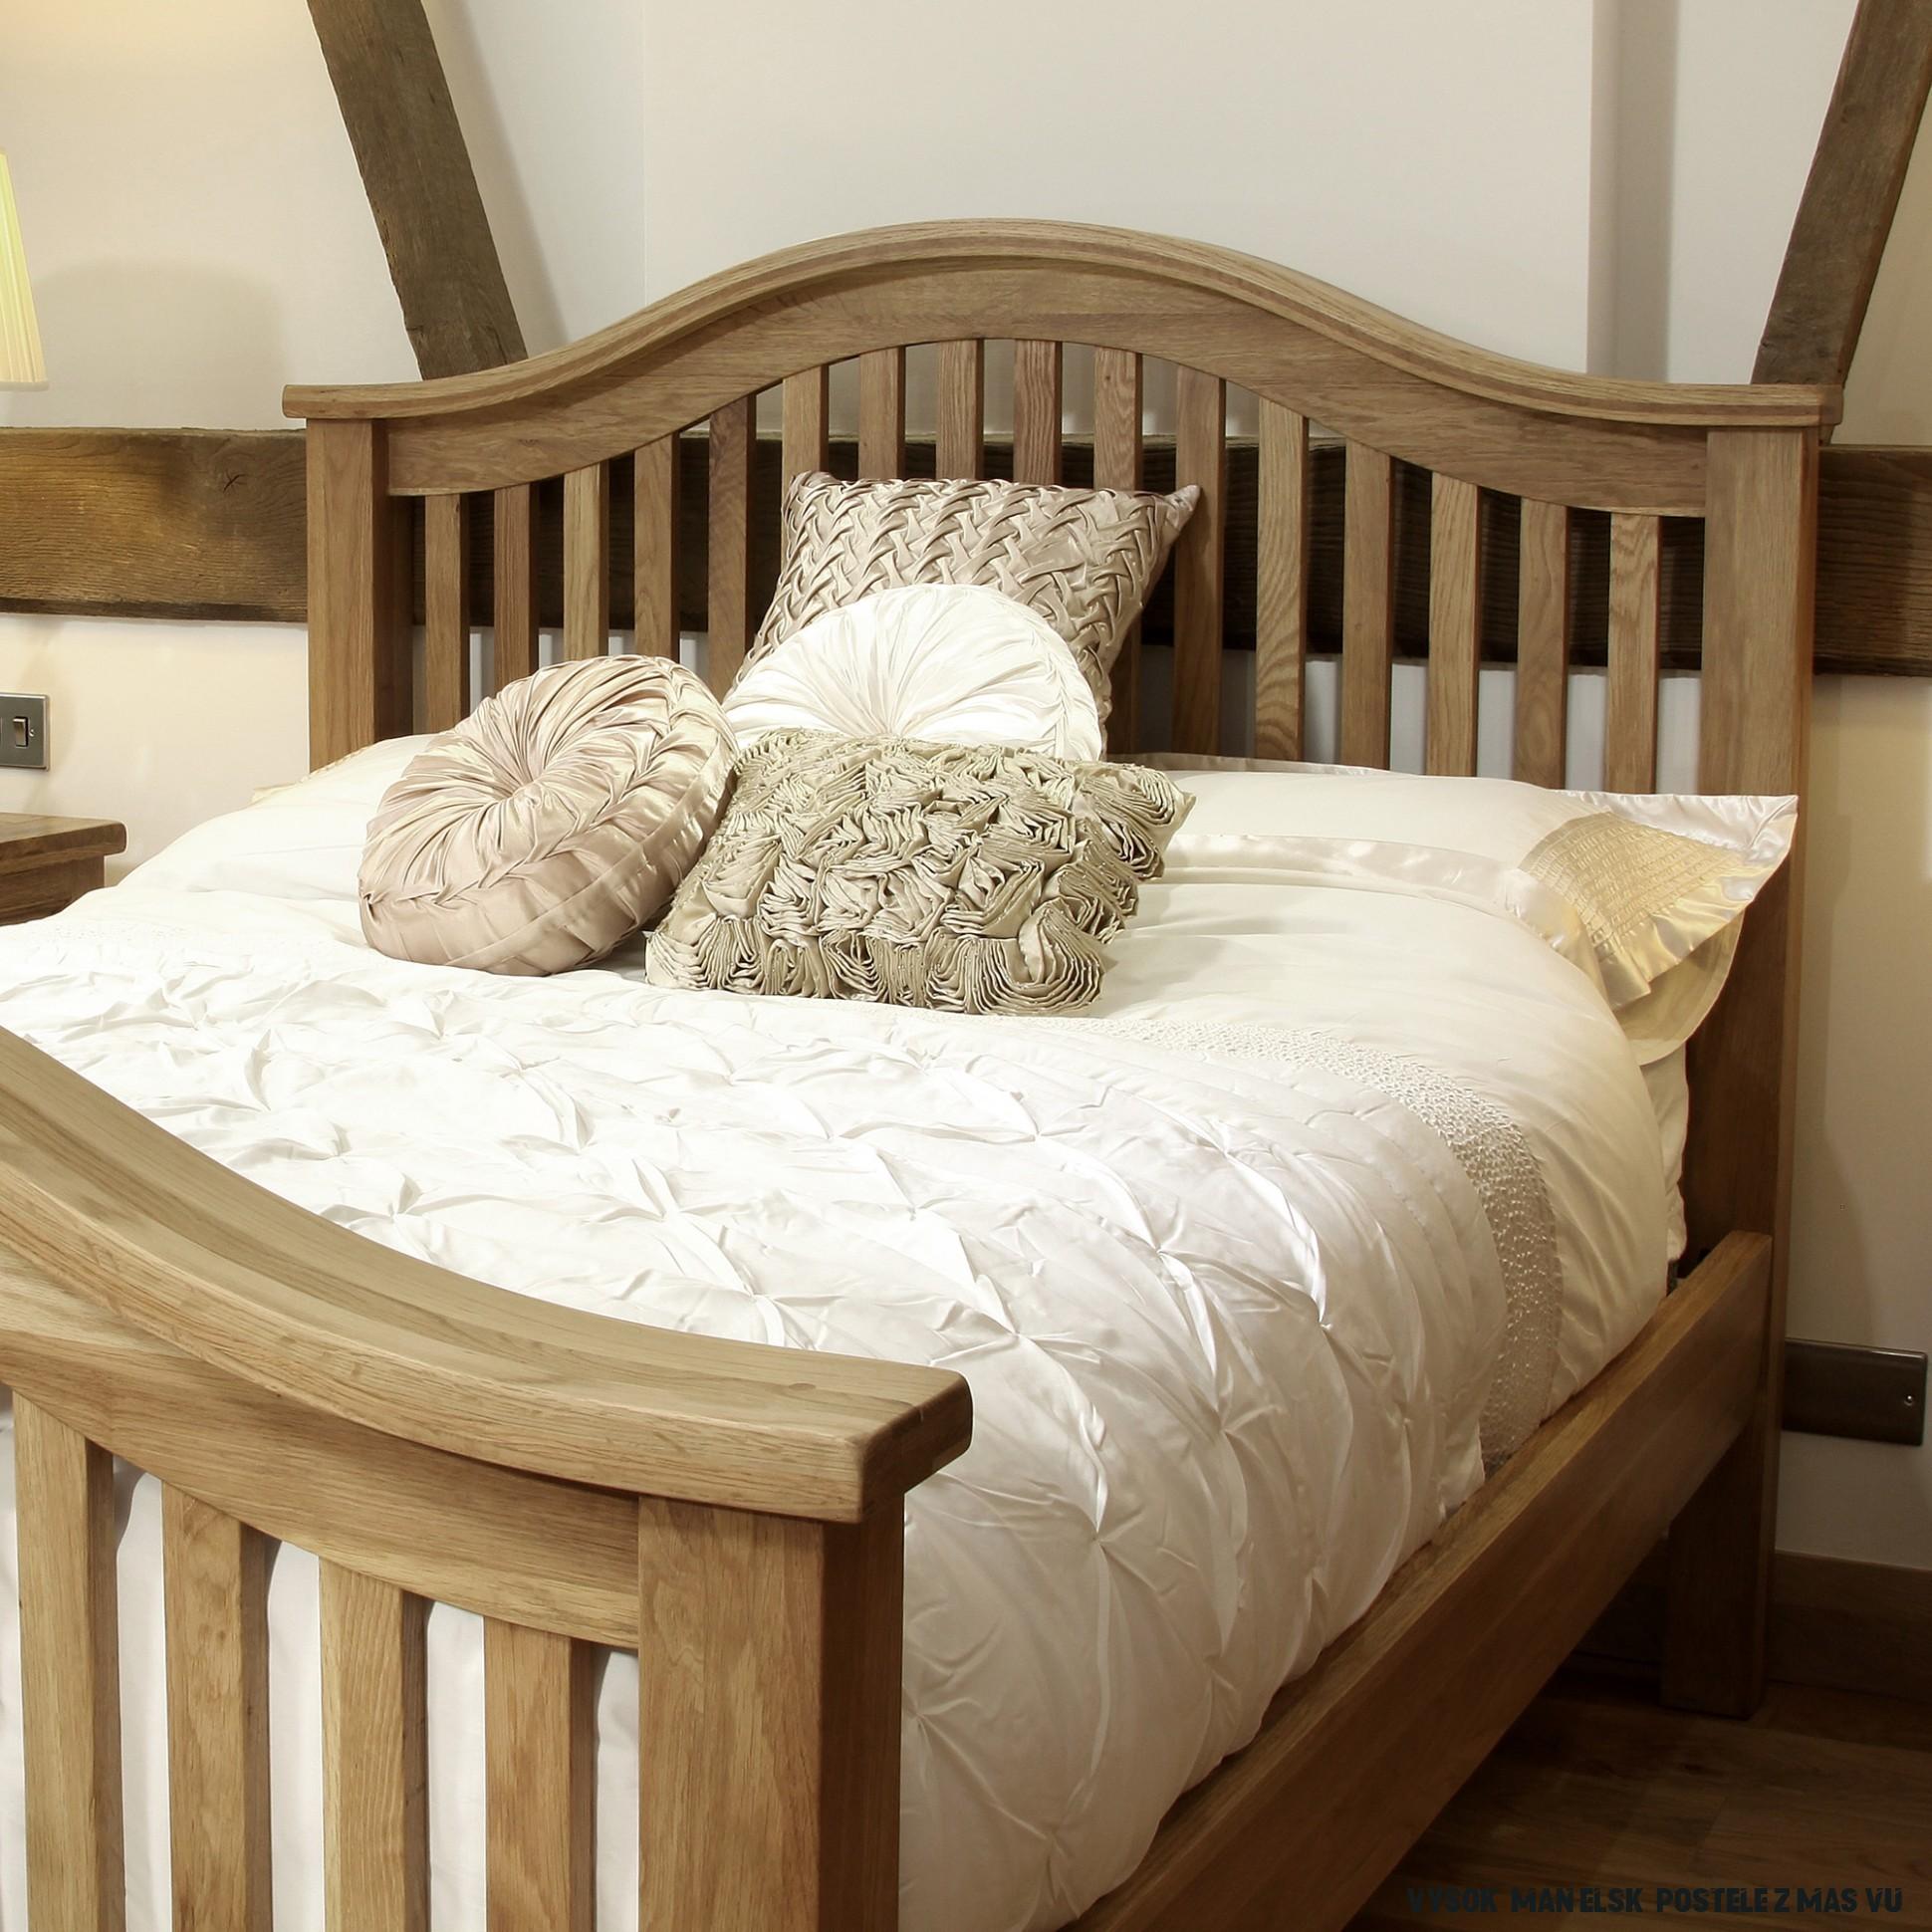 Rustikálna manželská posteľ 17x17x17  DUBU.sk